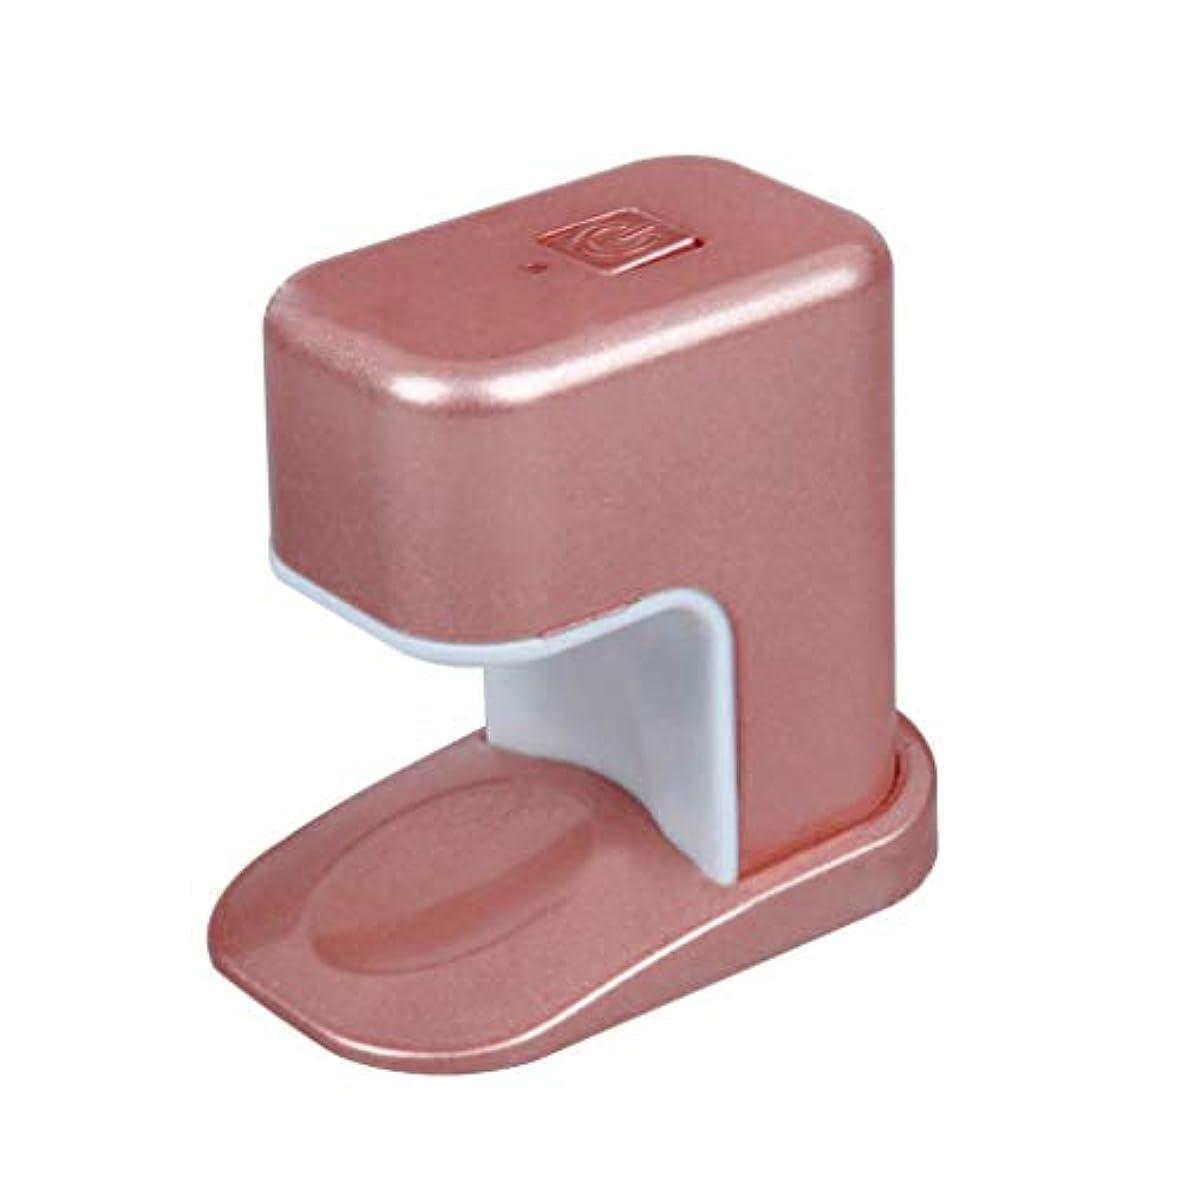 うれしいちらつき伝染性のPaick ネイルドライヤー 3W LED電球 USBケーブル UV マニキュアドライヤー ニポータブル単一指ネイルアートのLED 3色選べ - ピンク